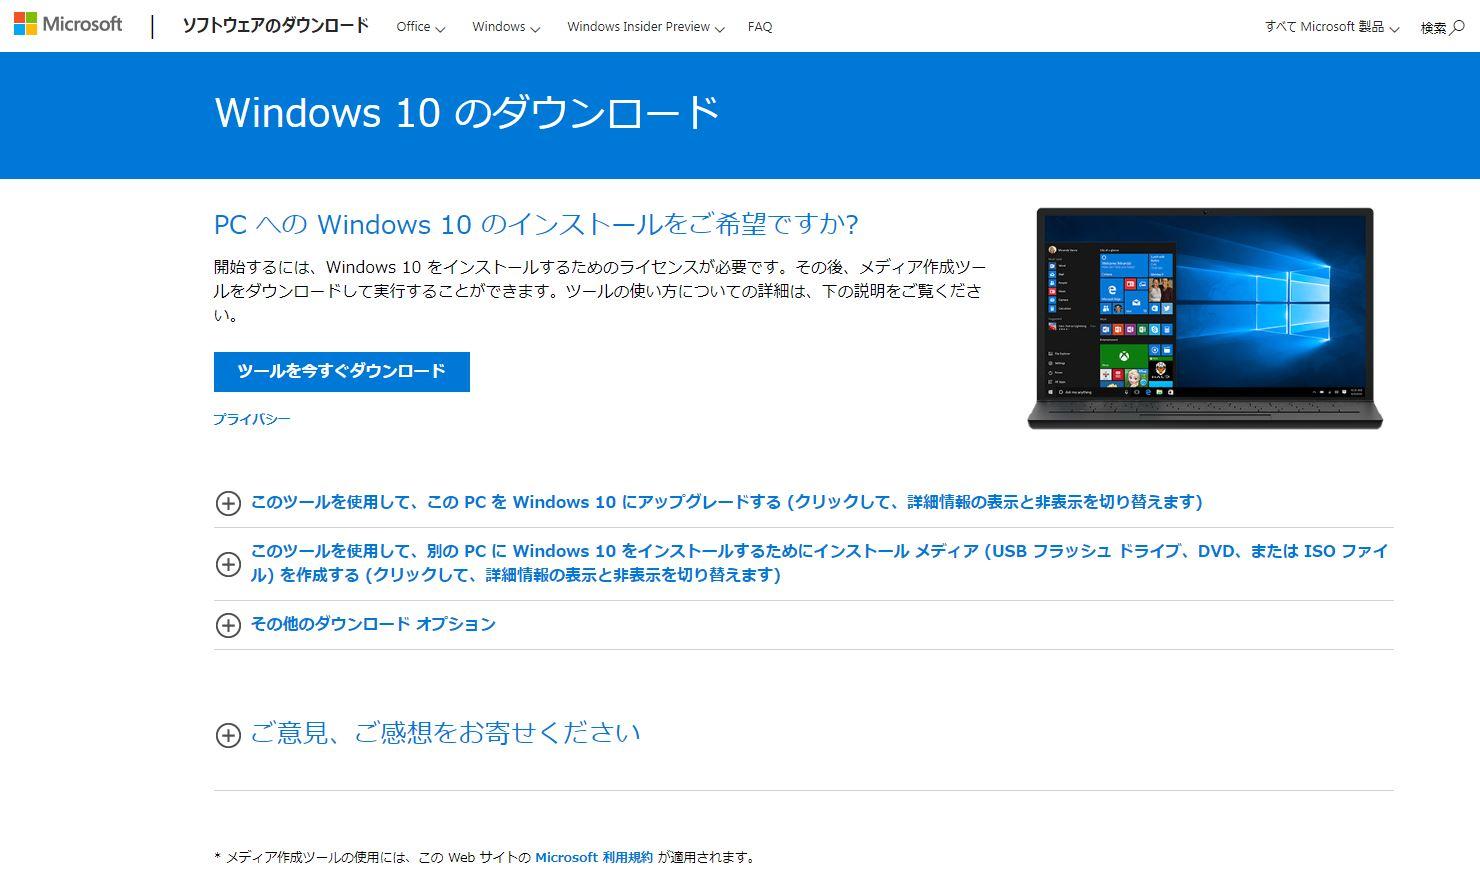 windows10用のメディアクリエーションツールDLページ